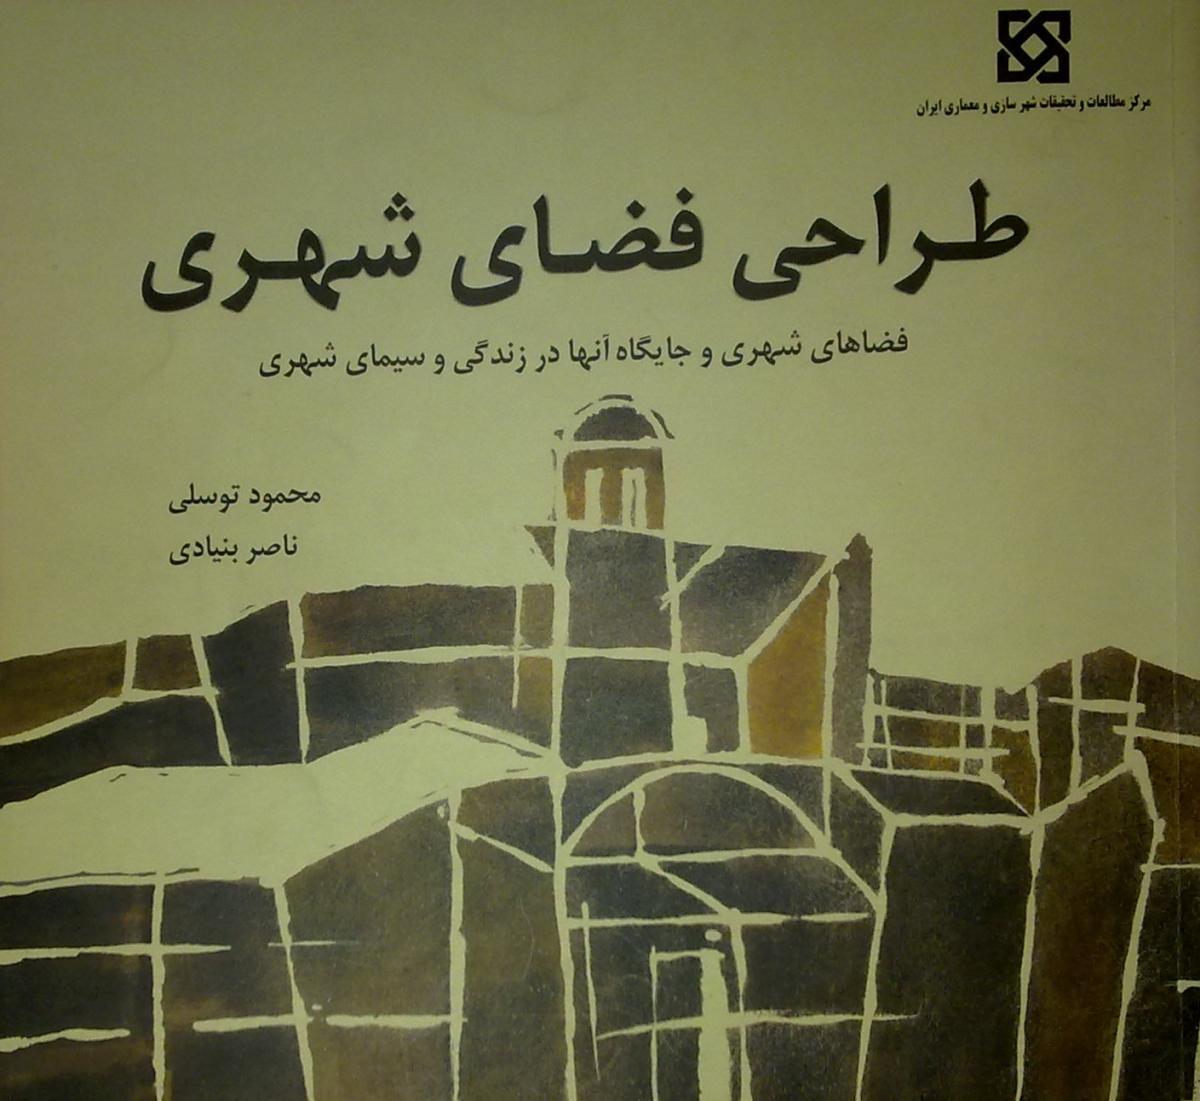 معرفی کتاب طراحی فضای شهری